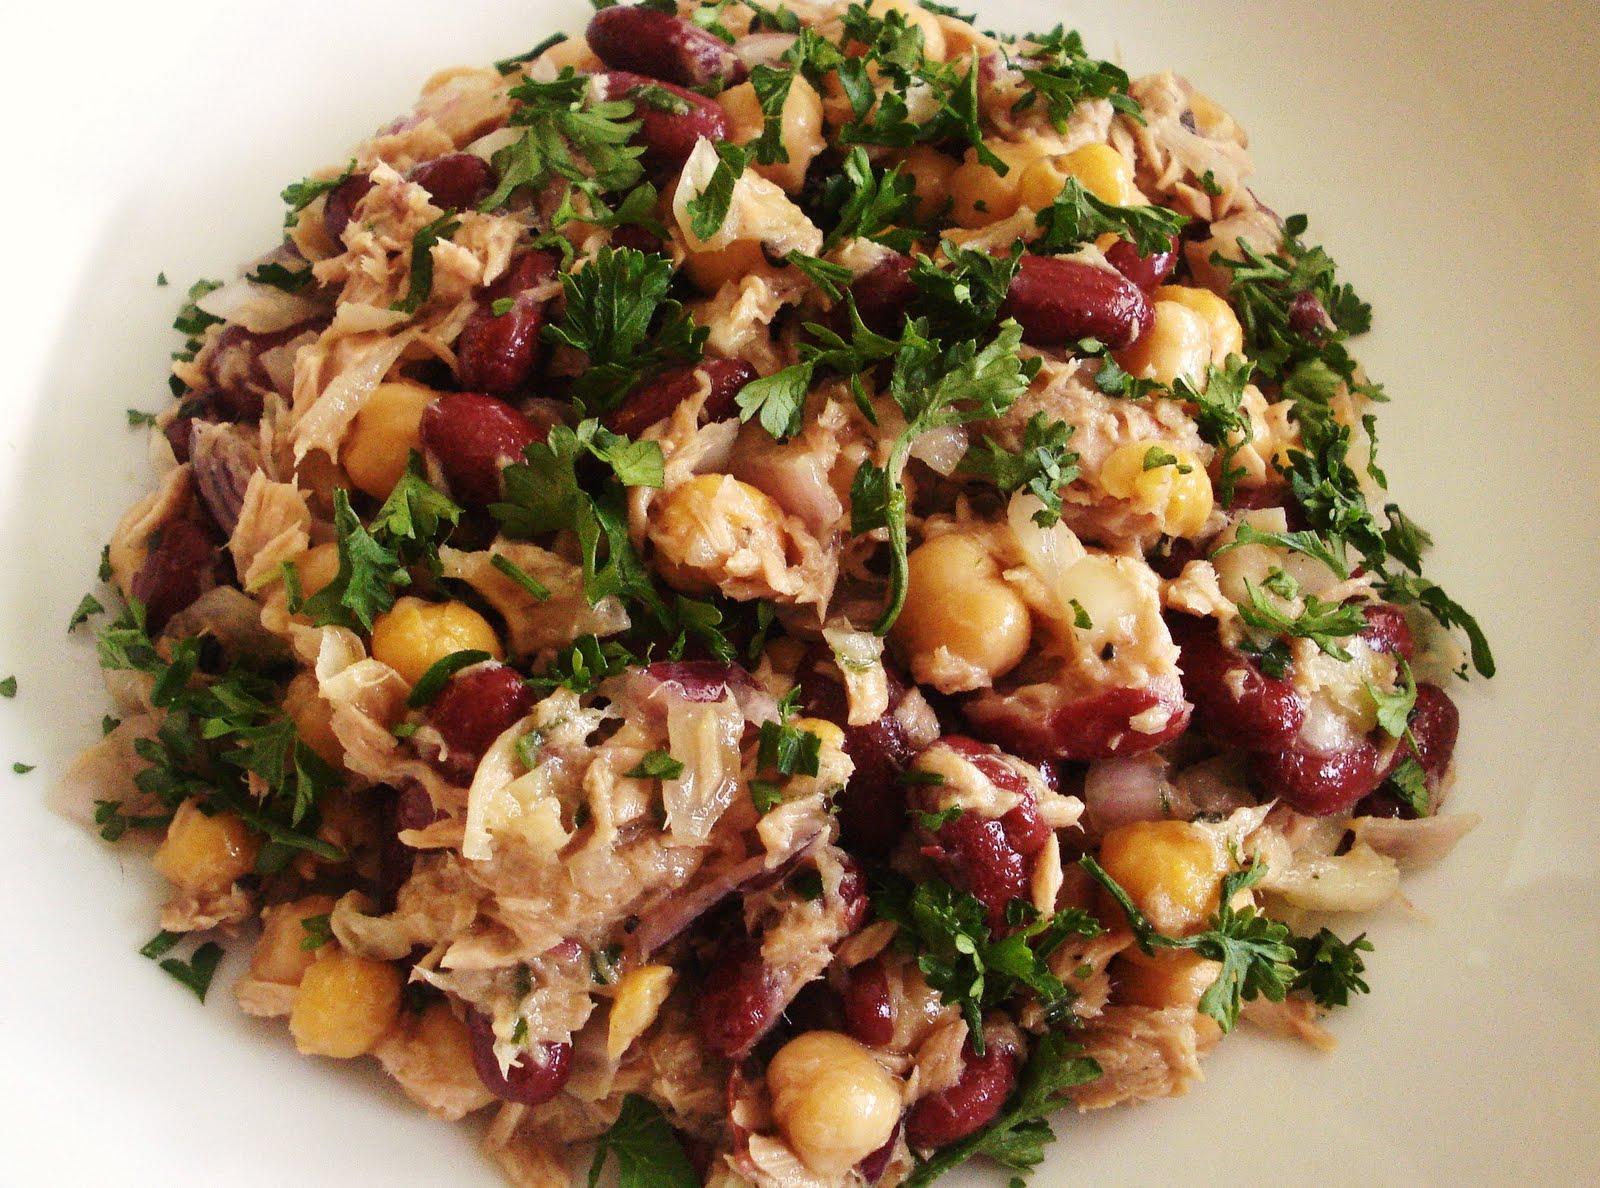 Presque v g salade de thon et de l gumineuses - Cuisiner la veille pour le lendemain ...